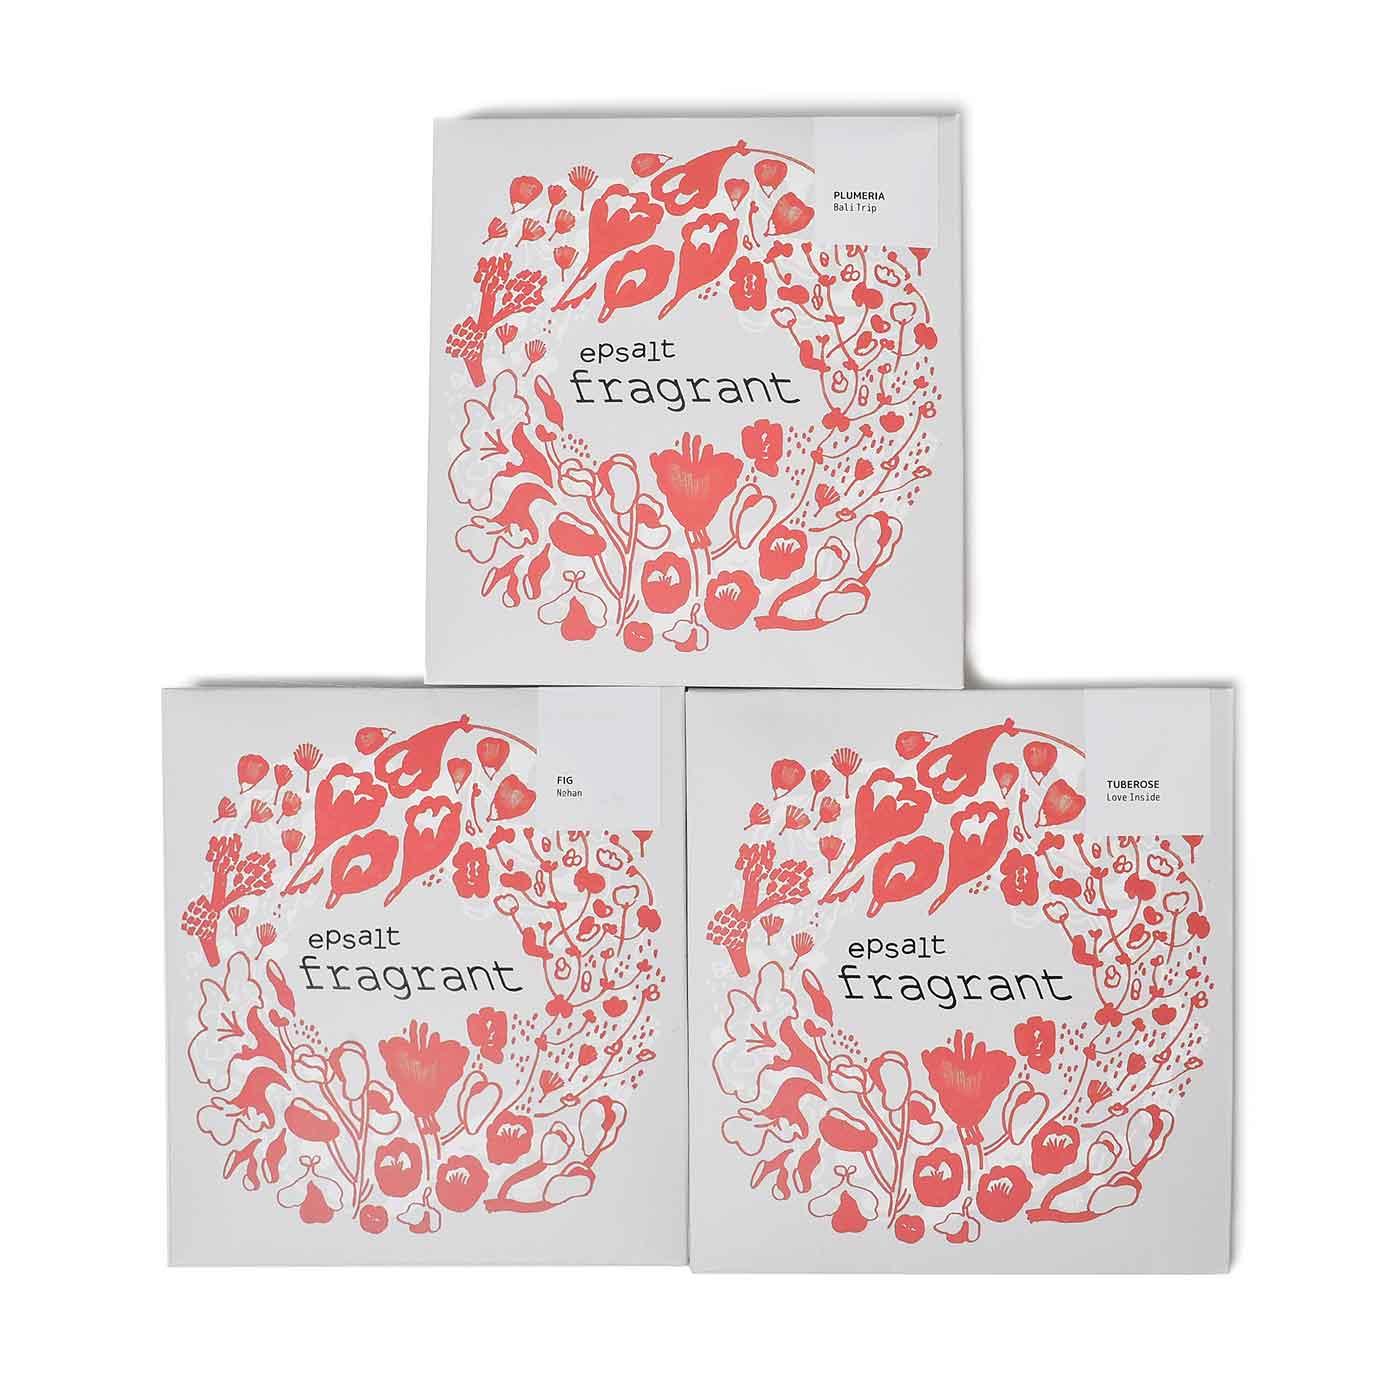 毎月3種類の香りの中から1種類ずつお届け。毎月、ぜいたくな香りに身を包んでください。